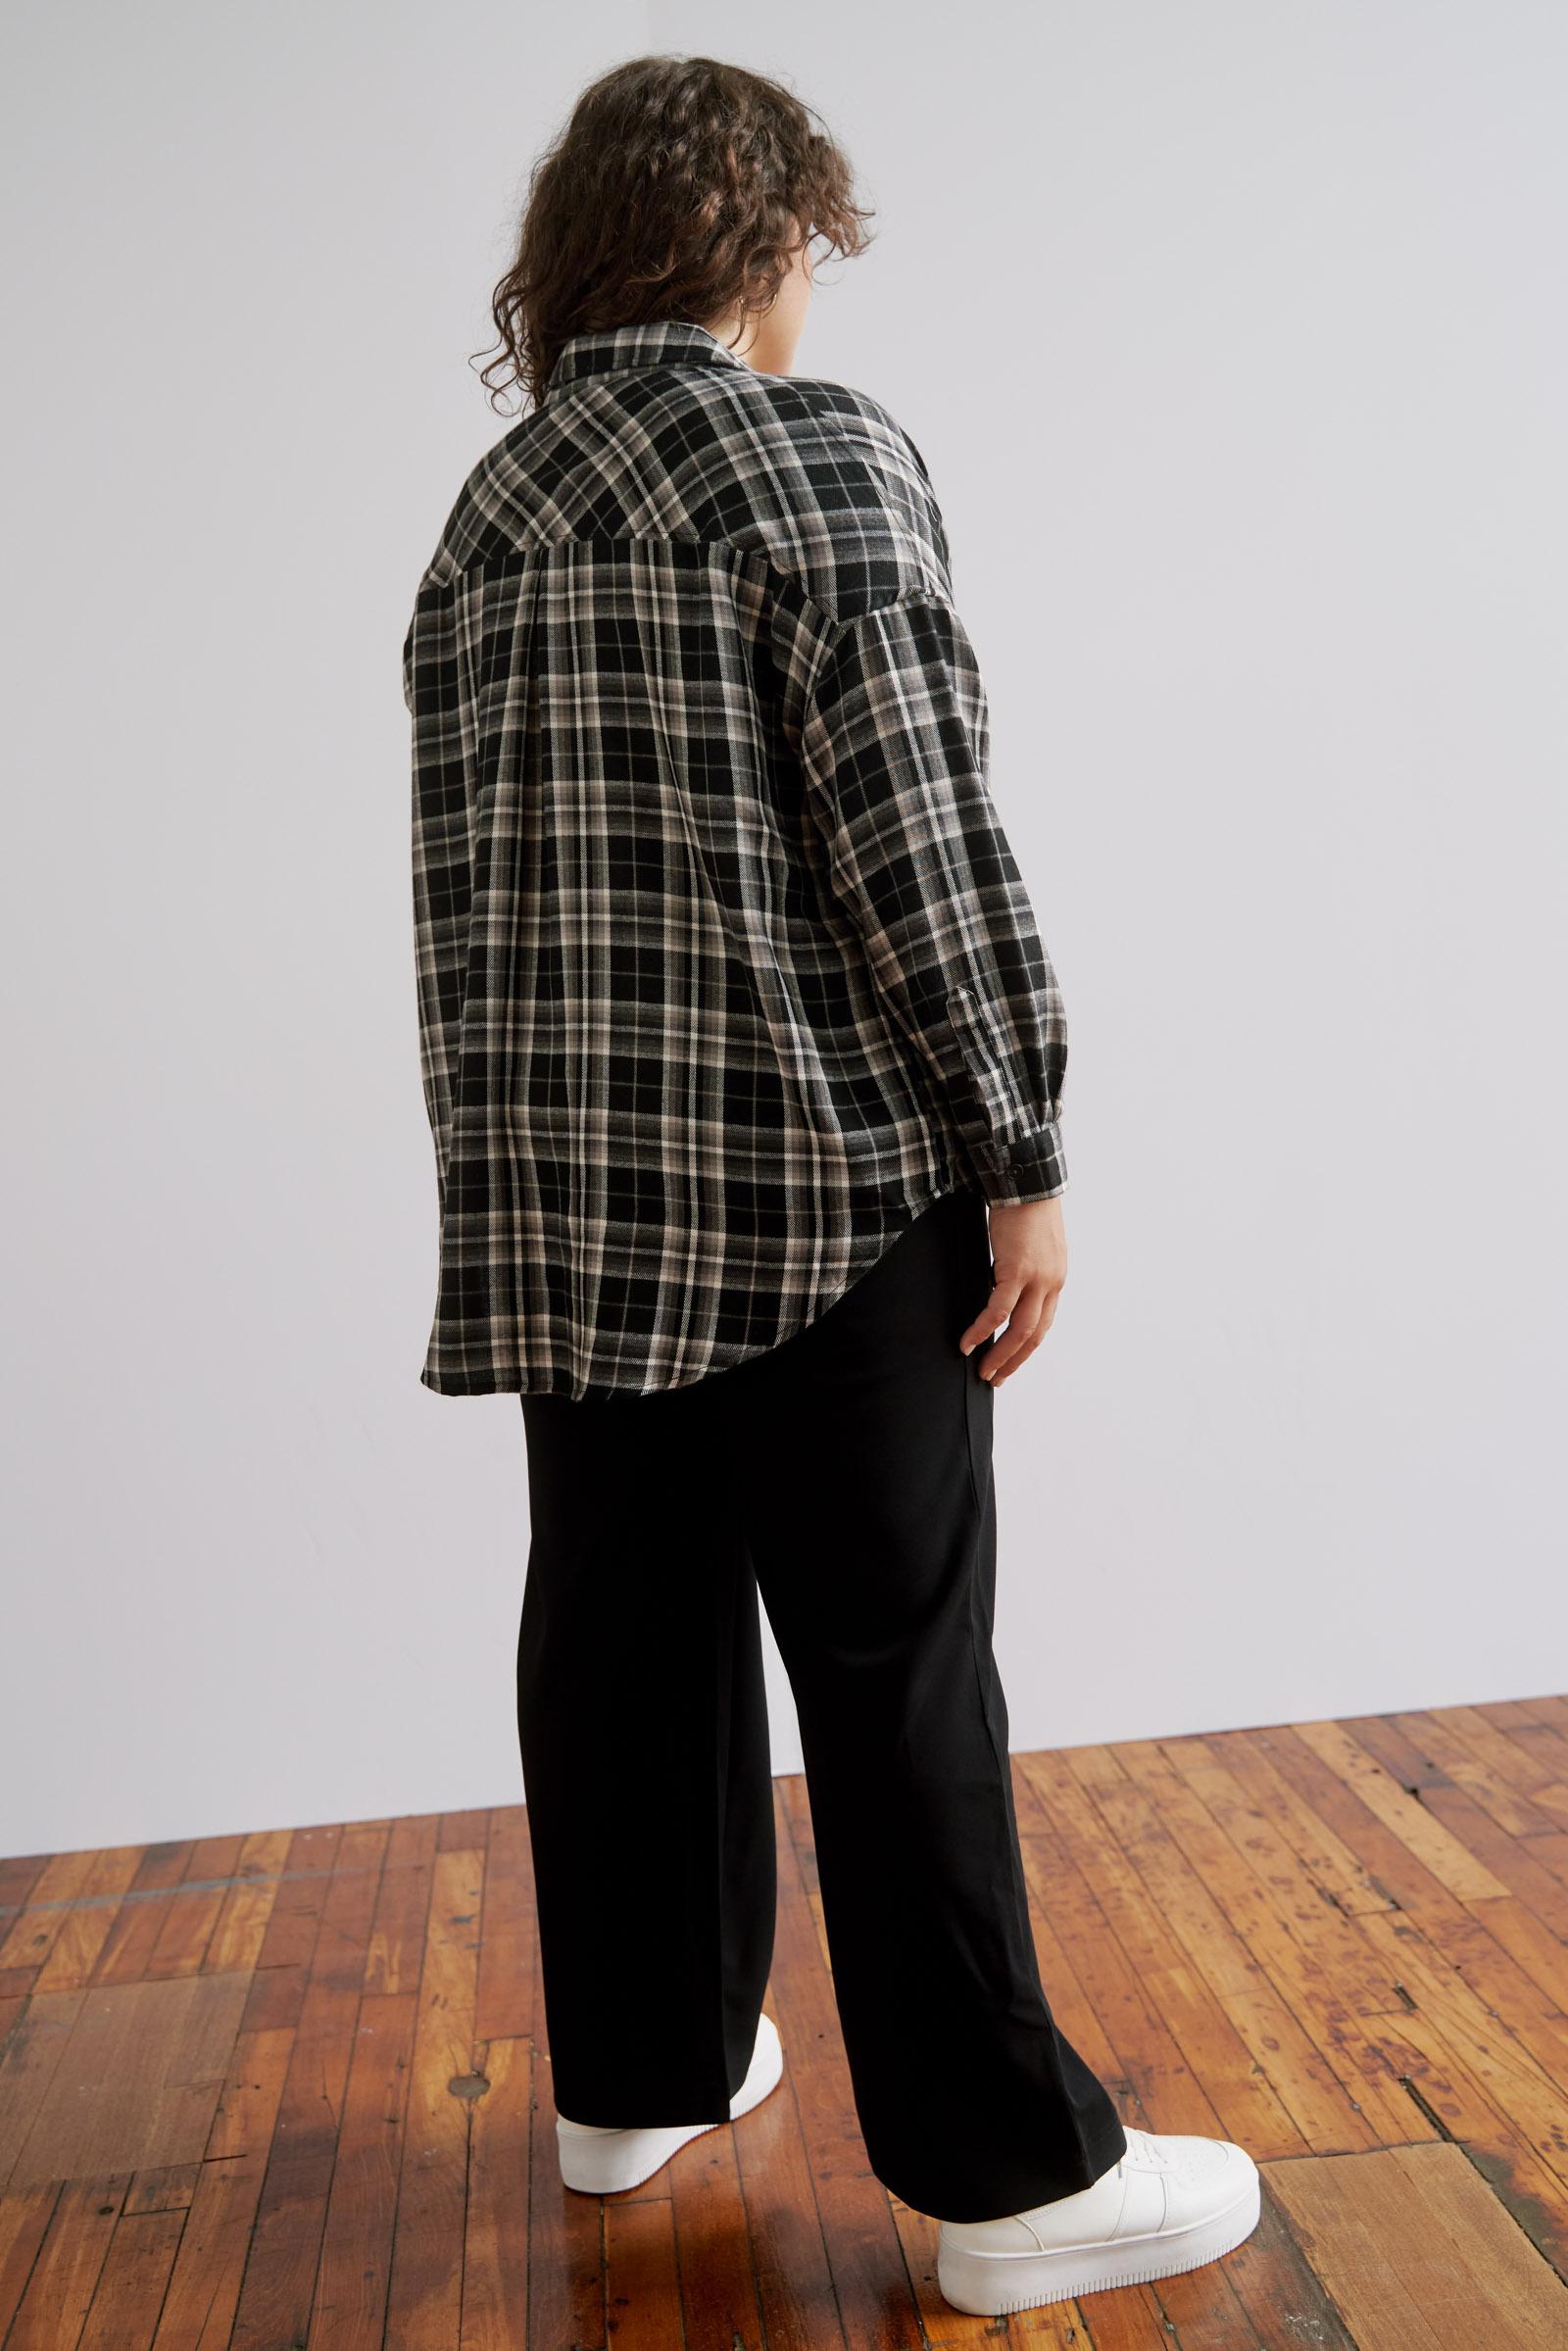 Oversized Plaid Shirt